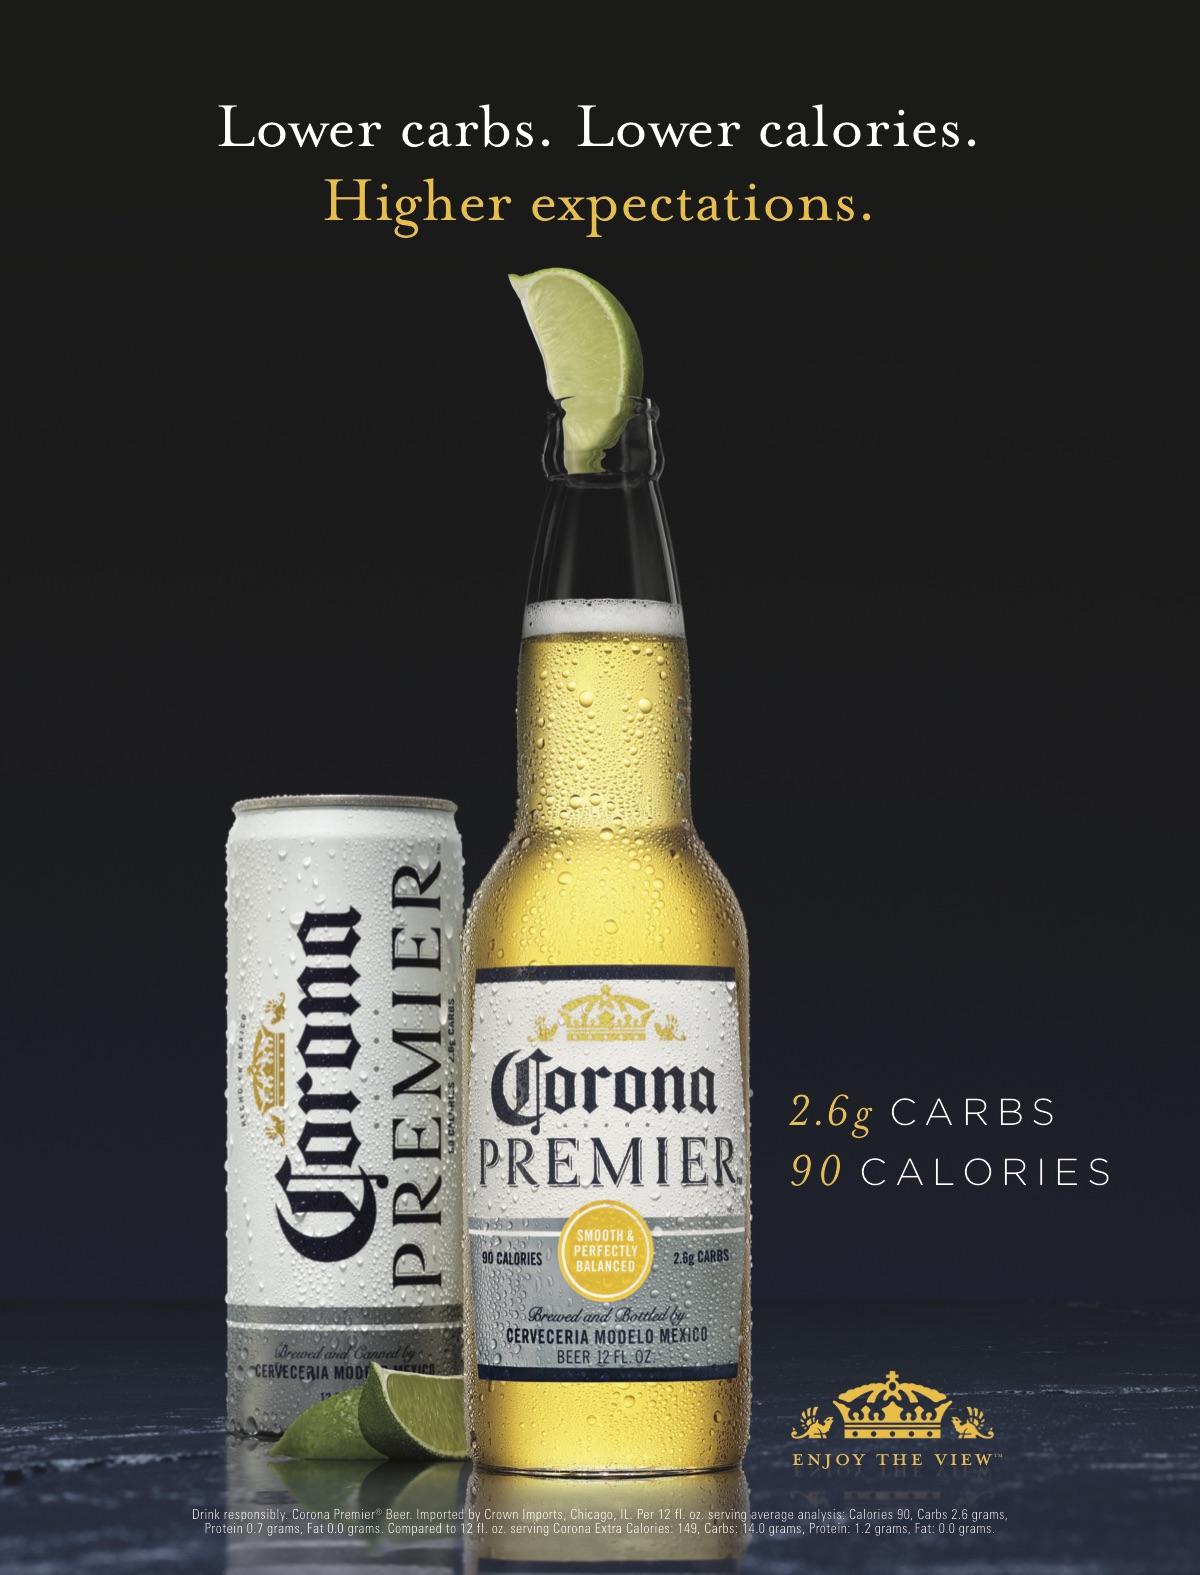 Carbs In Corona Refresca : carbs, corona, refresca, Cavalry, Agency